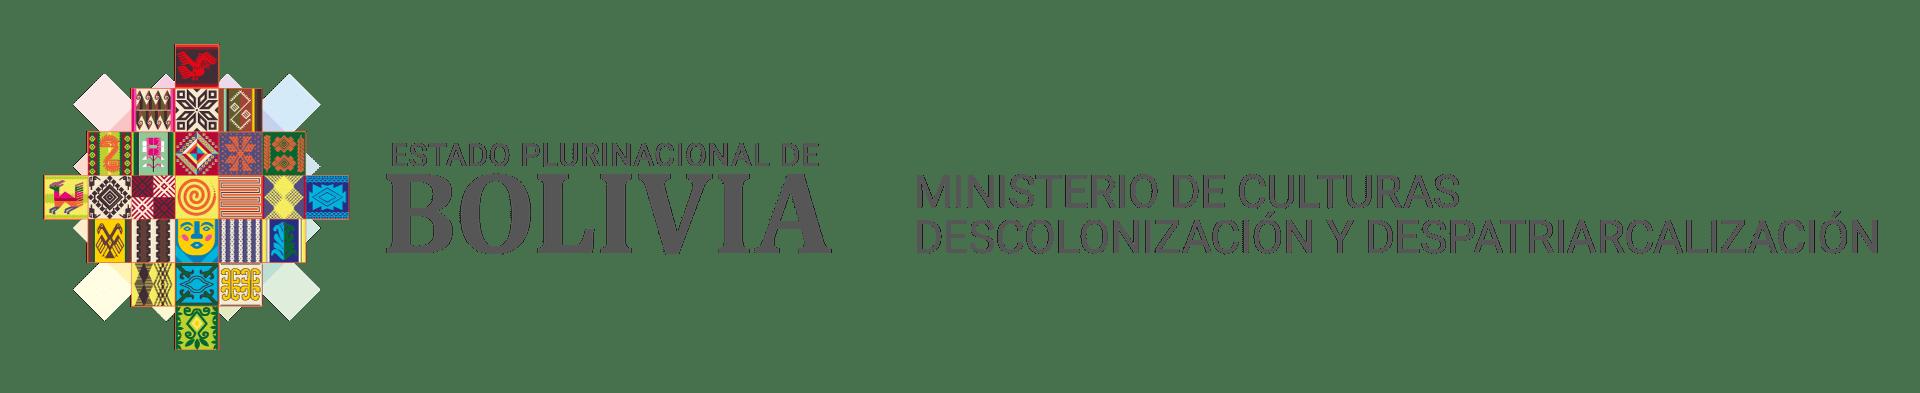 Ministerio de Culturas, Descolonización y Despatriarcalización